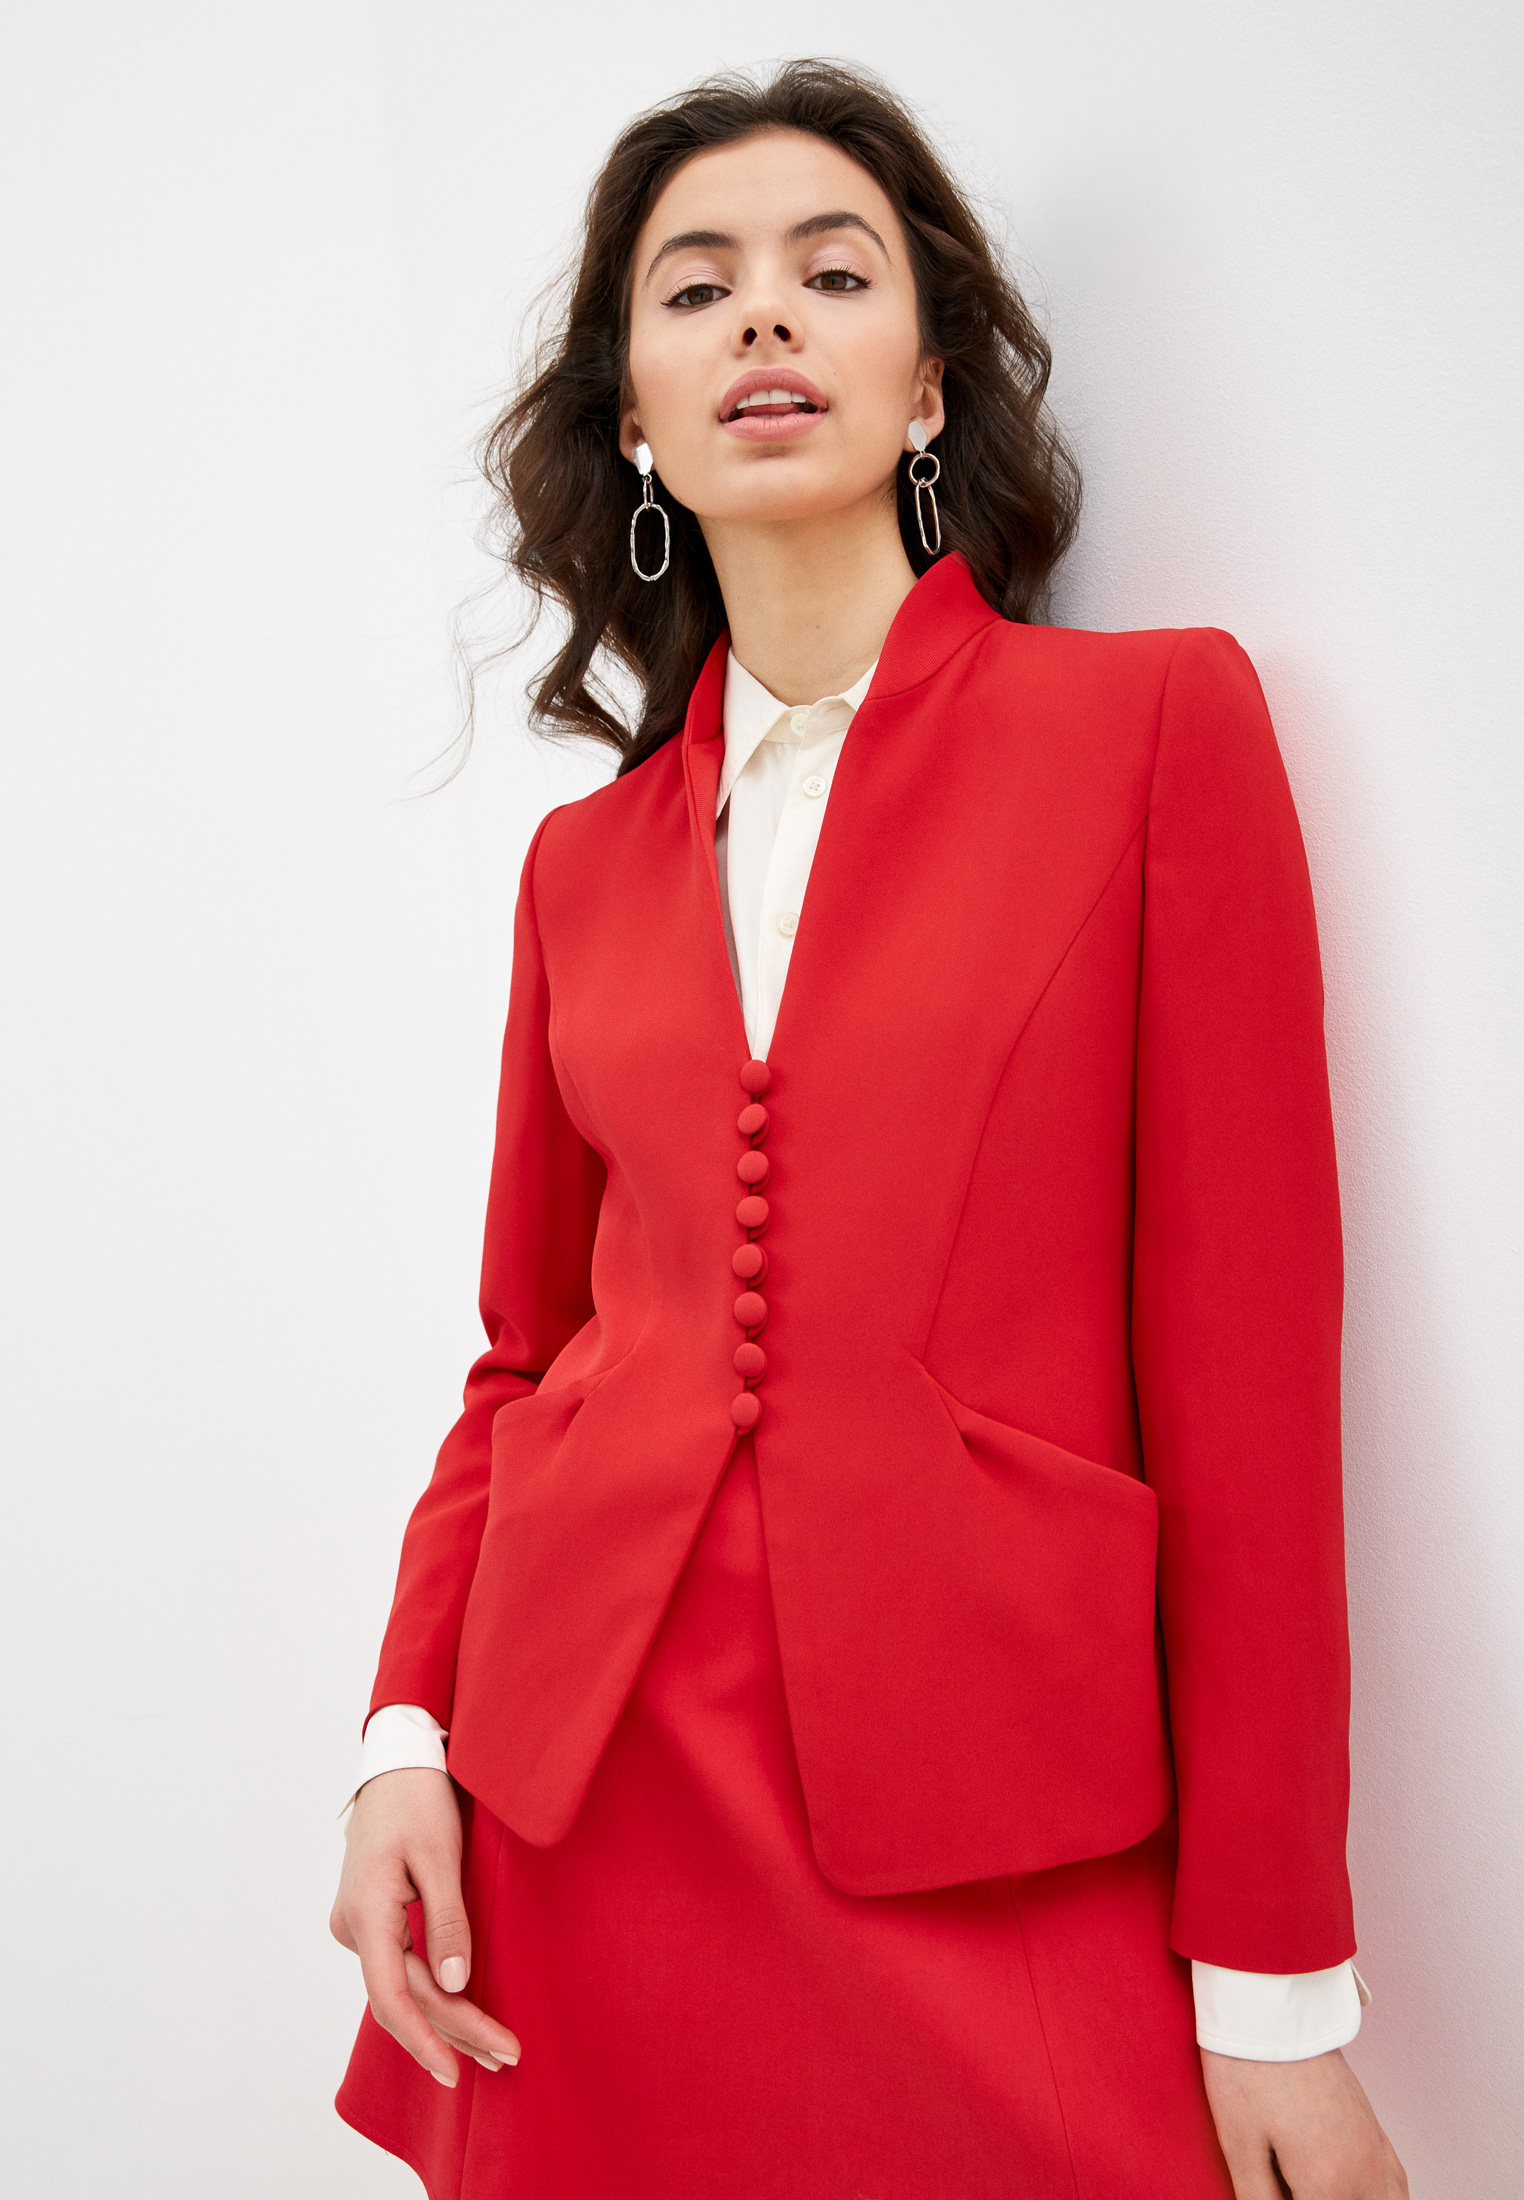 купить видном, дизайн пиджака женского фото результате